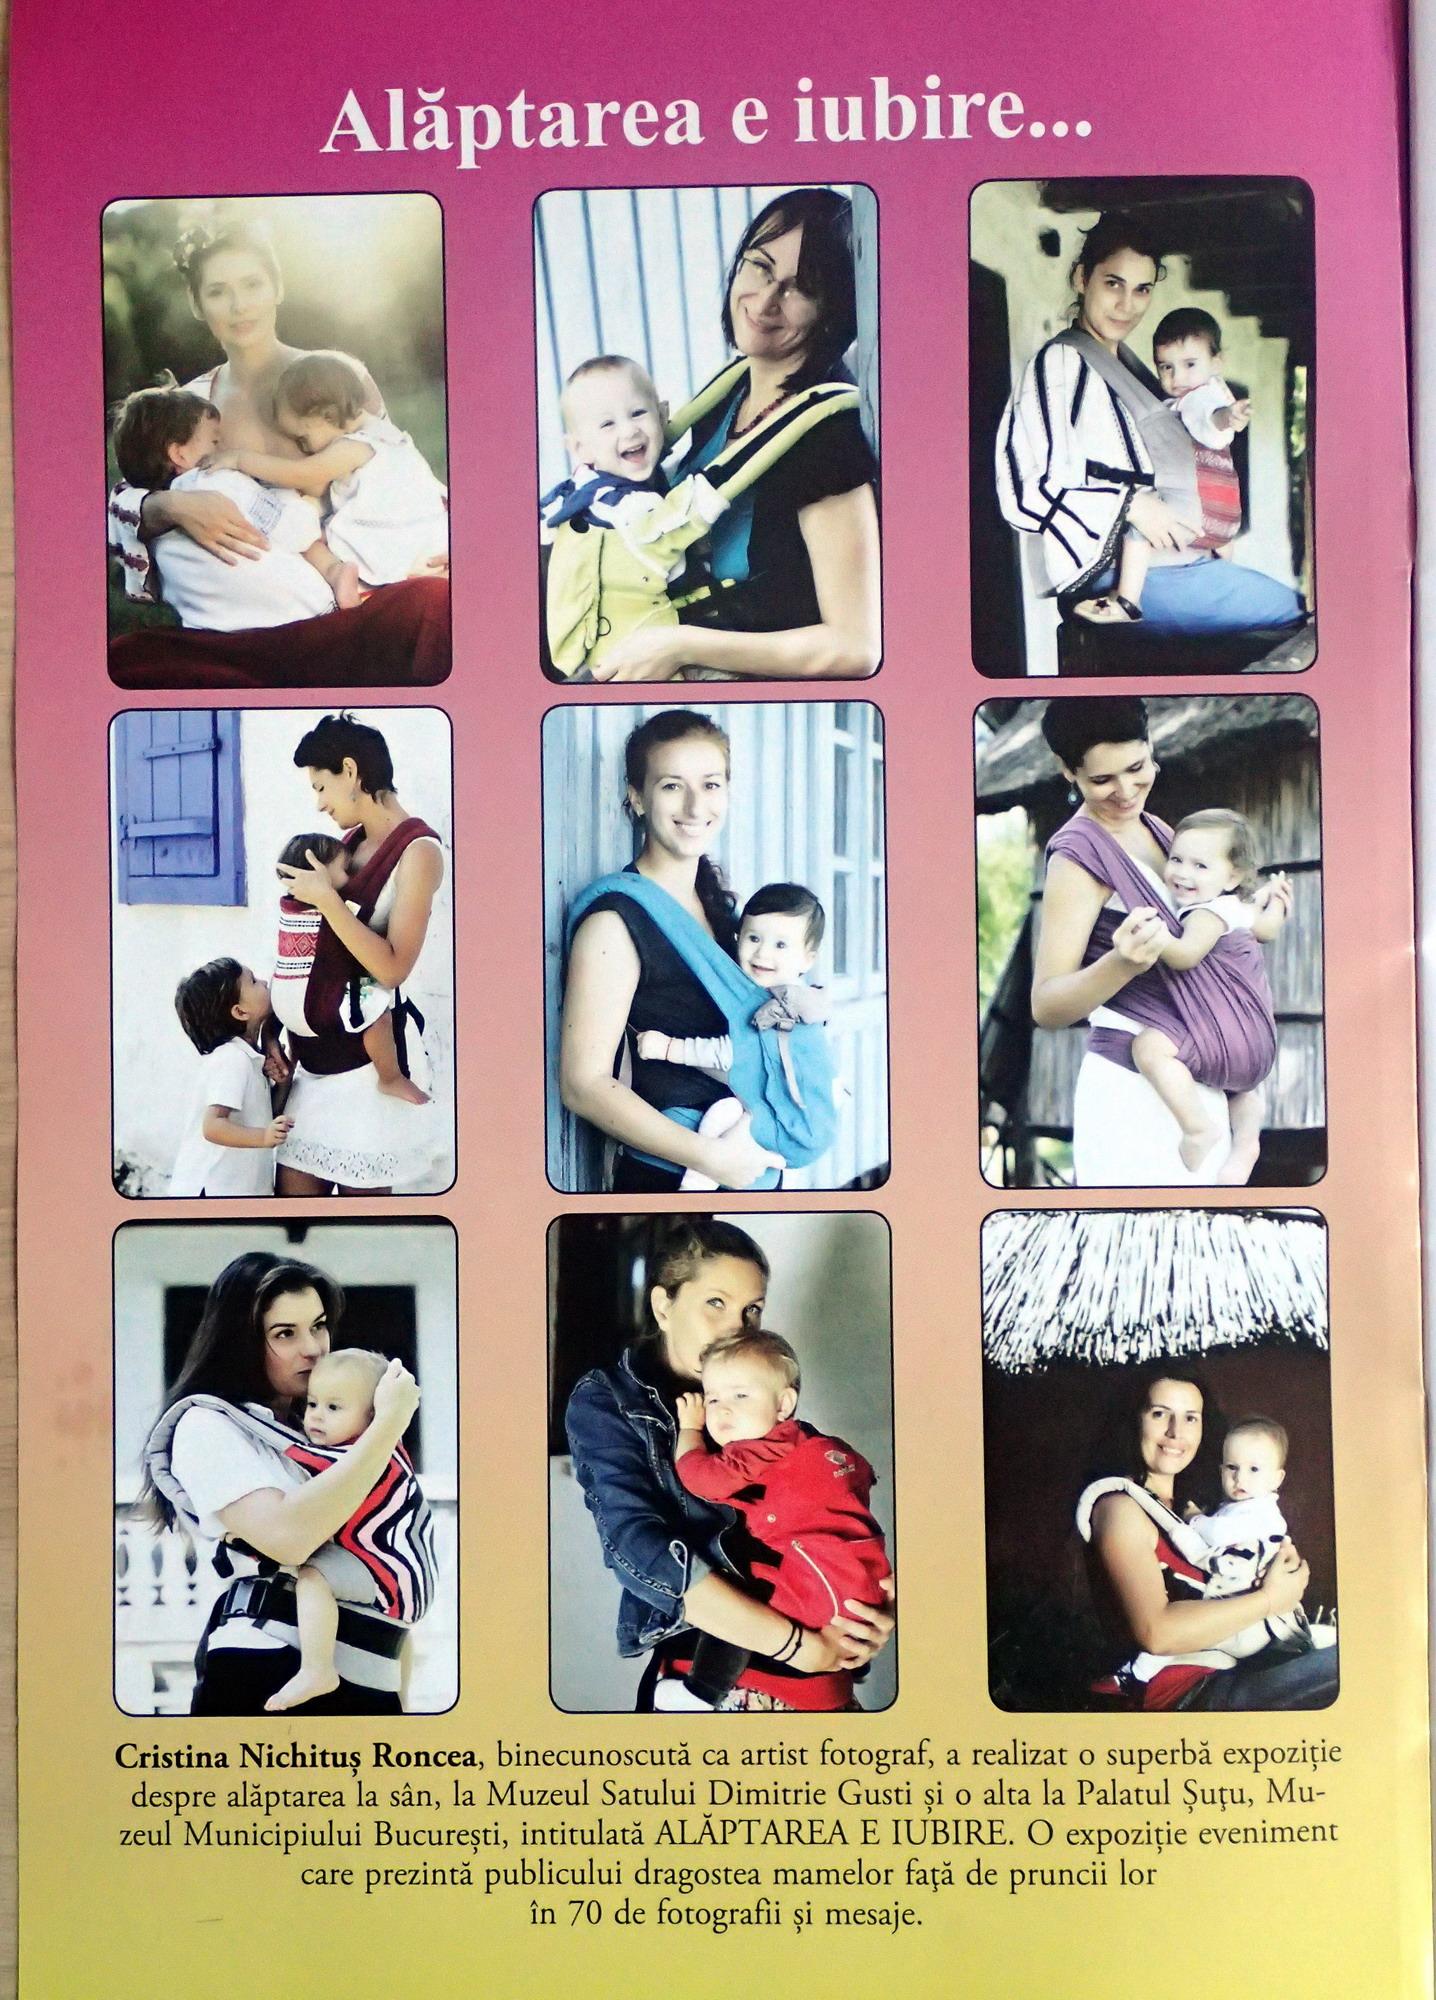 Alaptarea e Iubire de Cristina Nichitus Roncea in Revista Familiei din Israel - Decembrie 2015